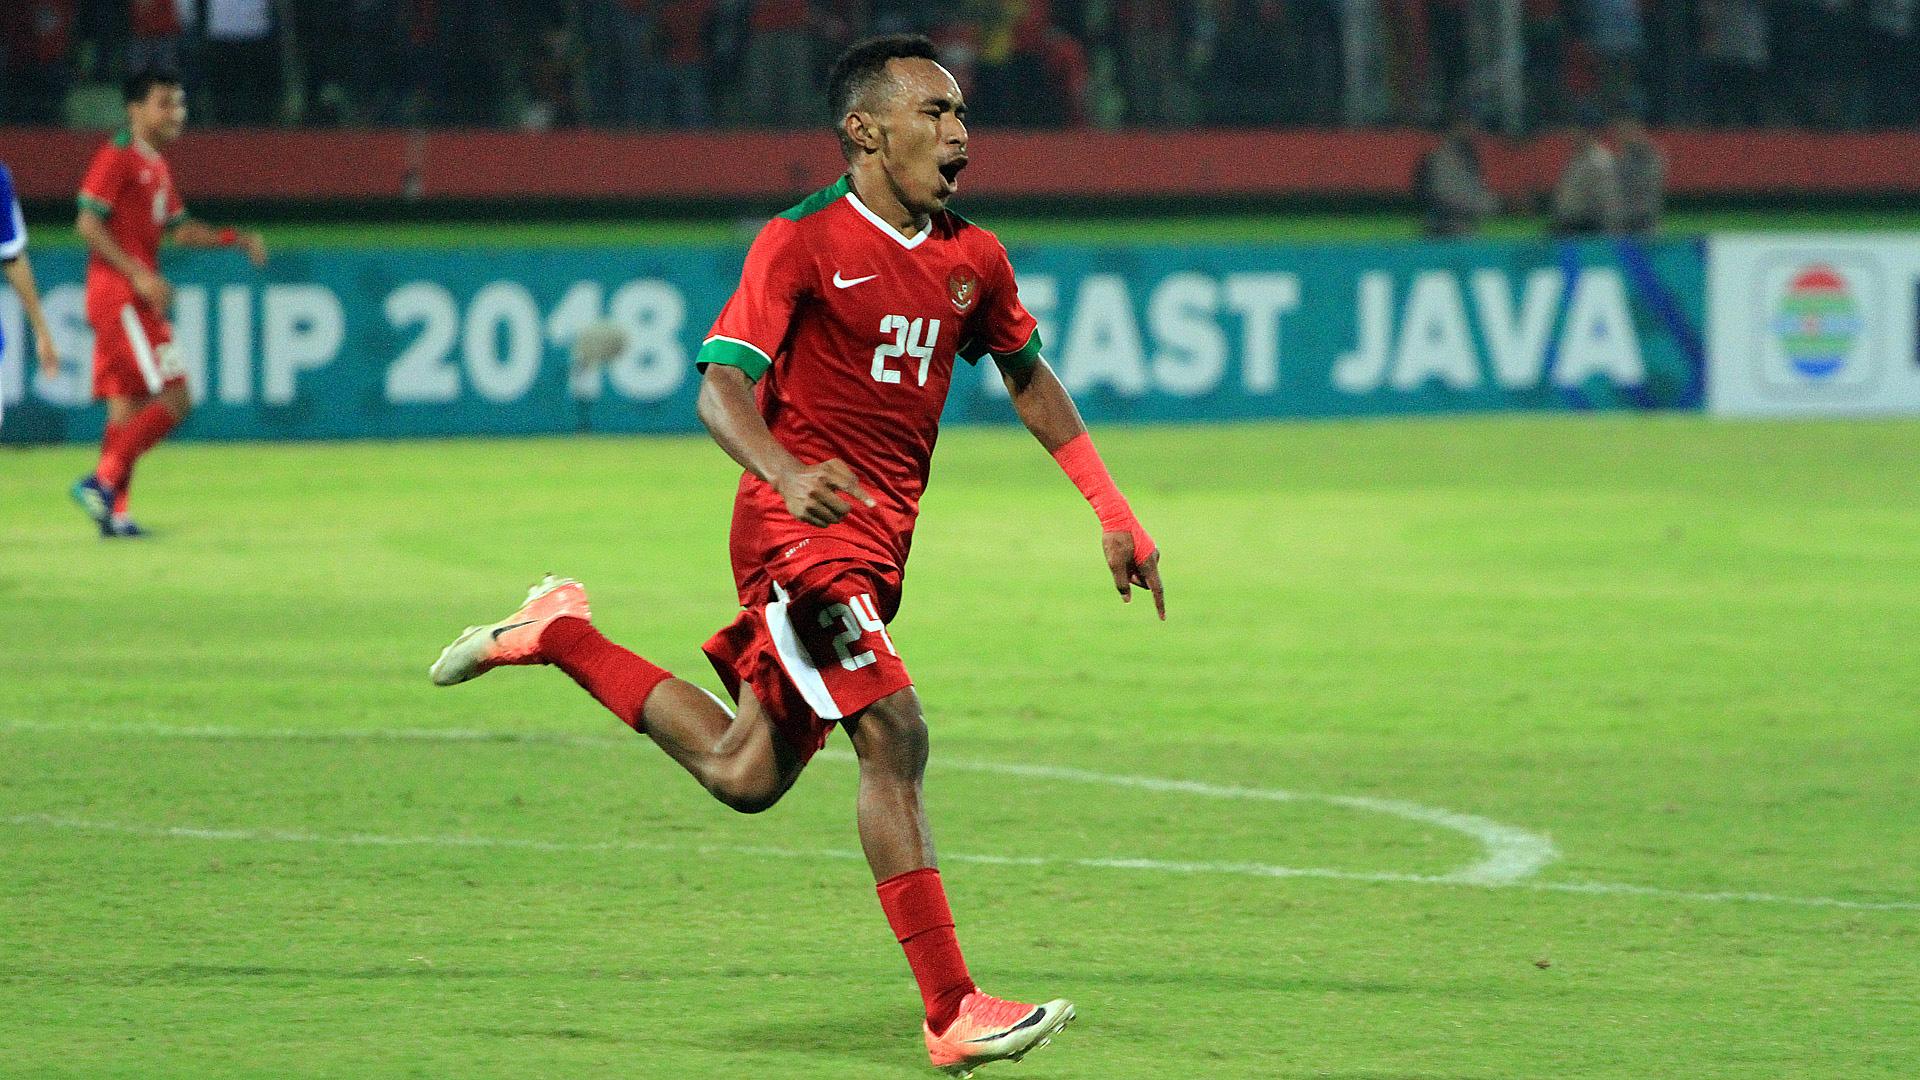 Đoàn Văn Hậu bị đánh bật khỏi top 10 cầu thủ U21 có giá trị chuyển nhượng cao nhất Đông Nam Á - Ảnh 4.